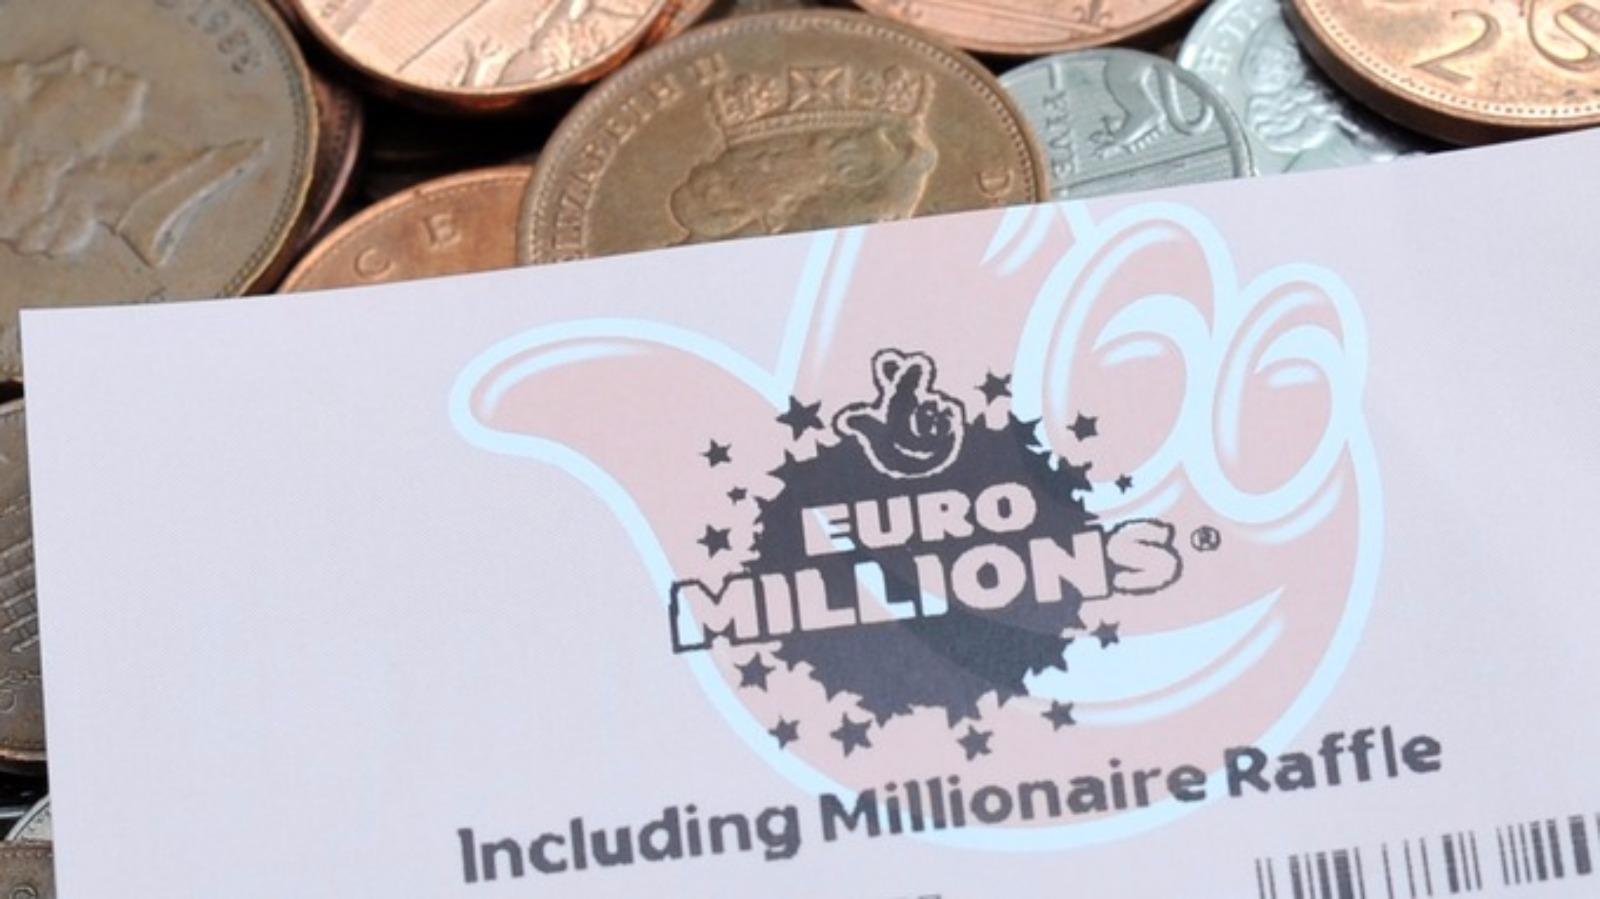 UK ticket holder wins £51.8 million EuroMillions jackpot